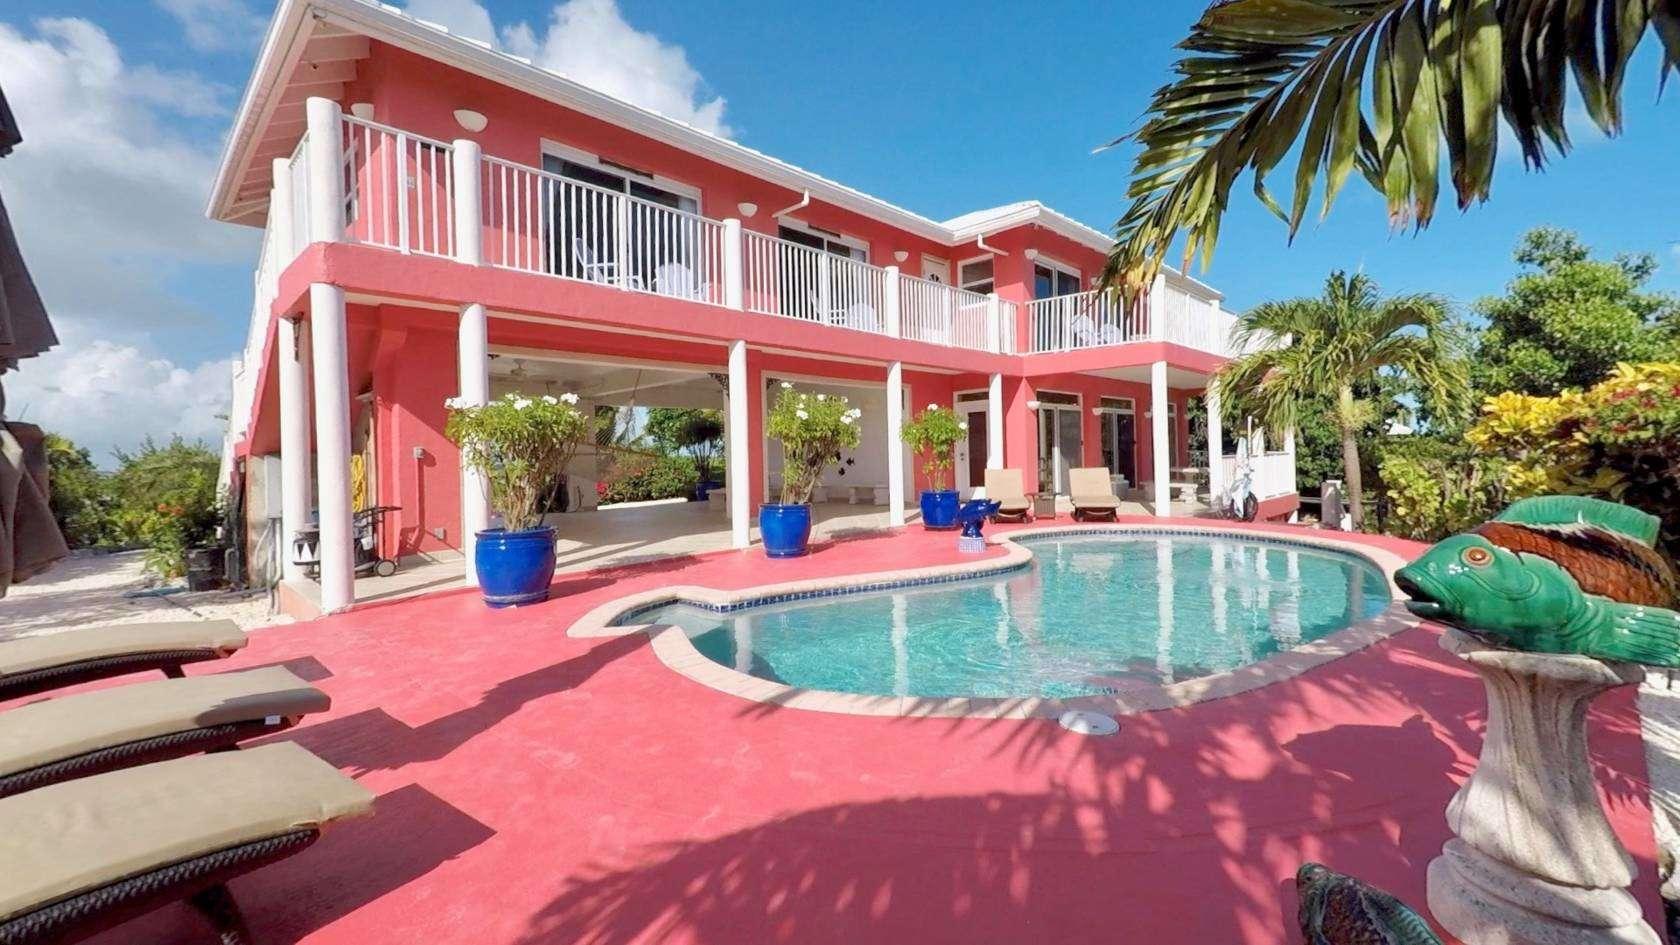 Luxury villa rentals caribbean - Turks and caicos - Providenciales - Turtle tail - Villa Tropidero - Image 1/10